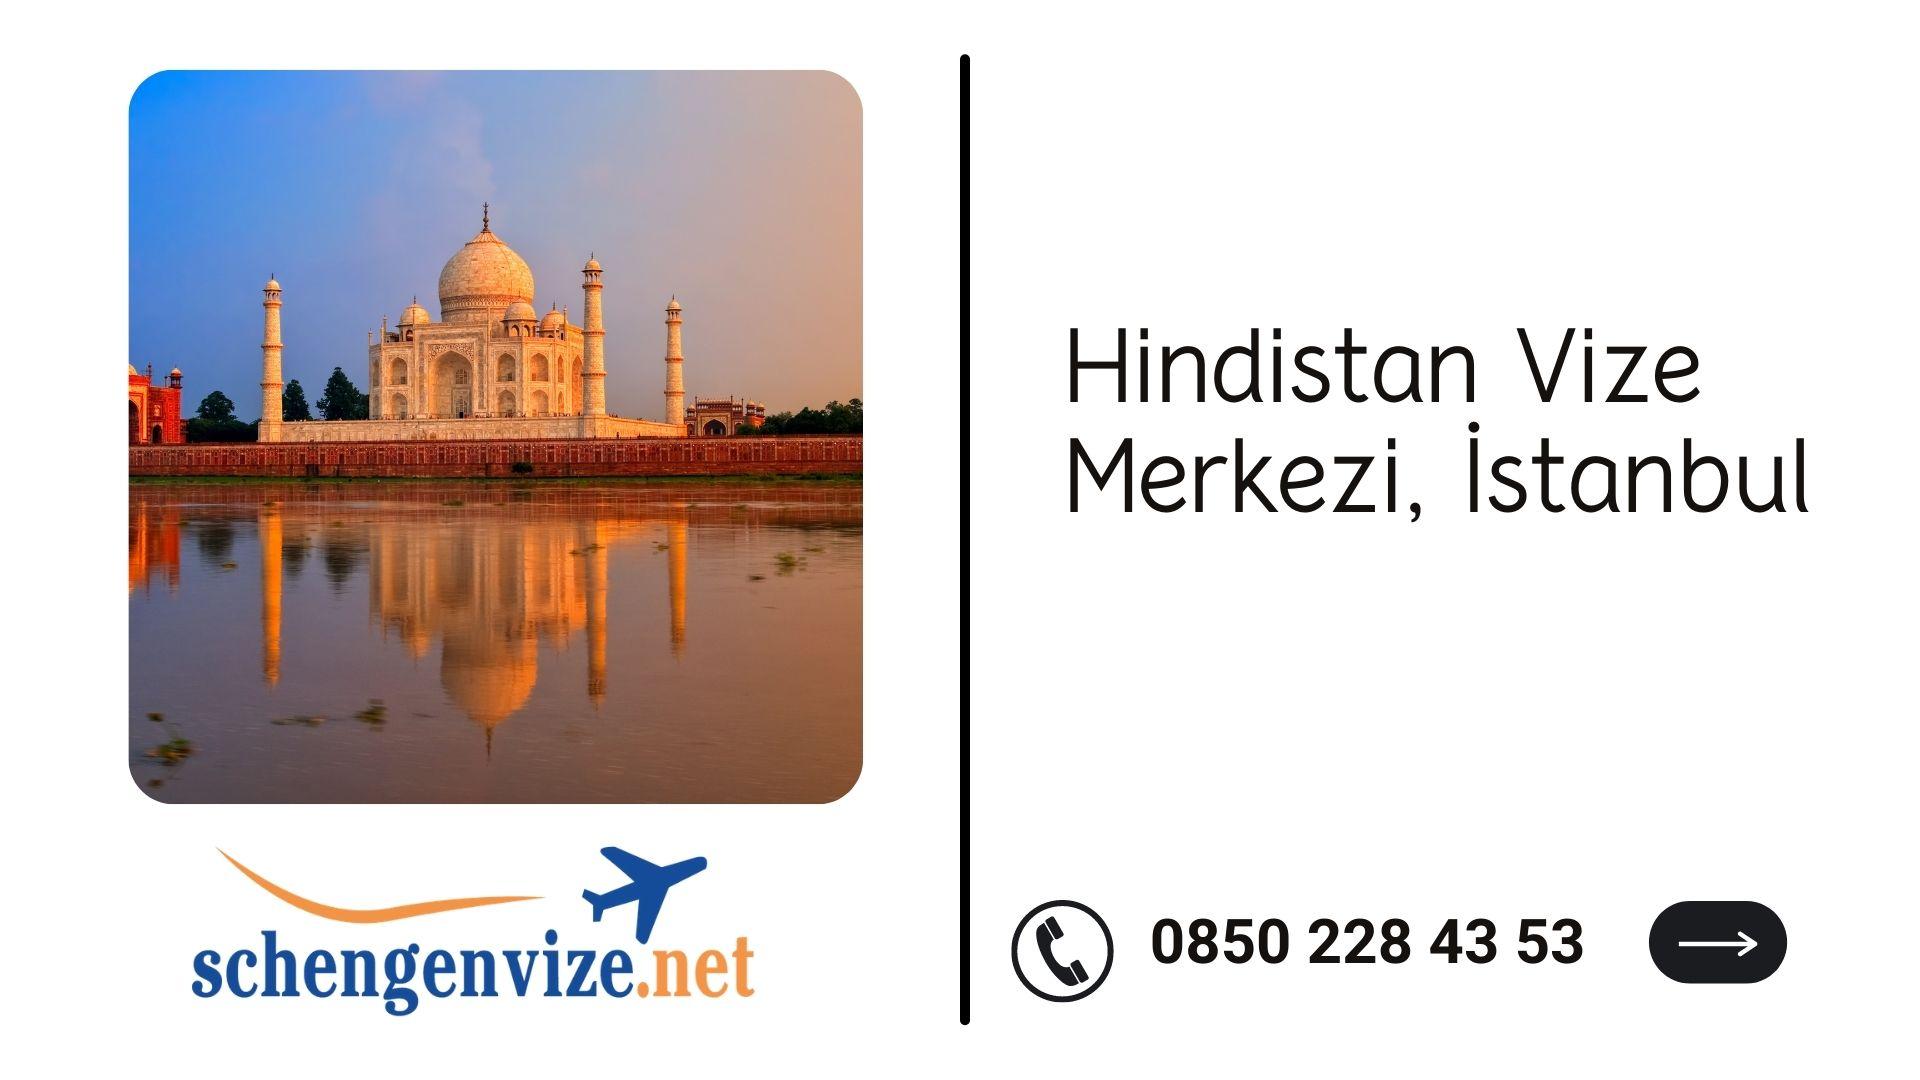 Hindistan Vize Merkezi, İstanbul